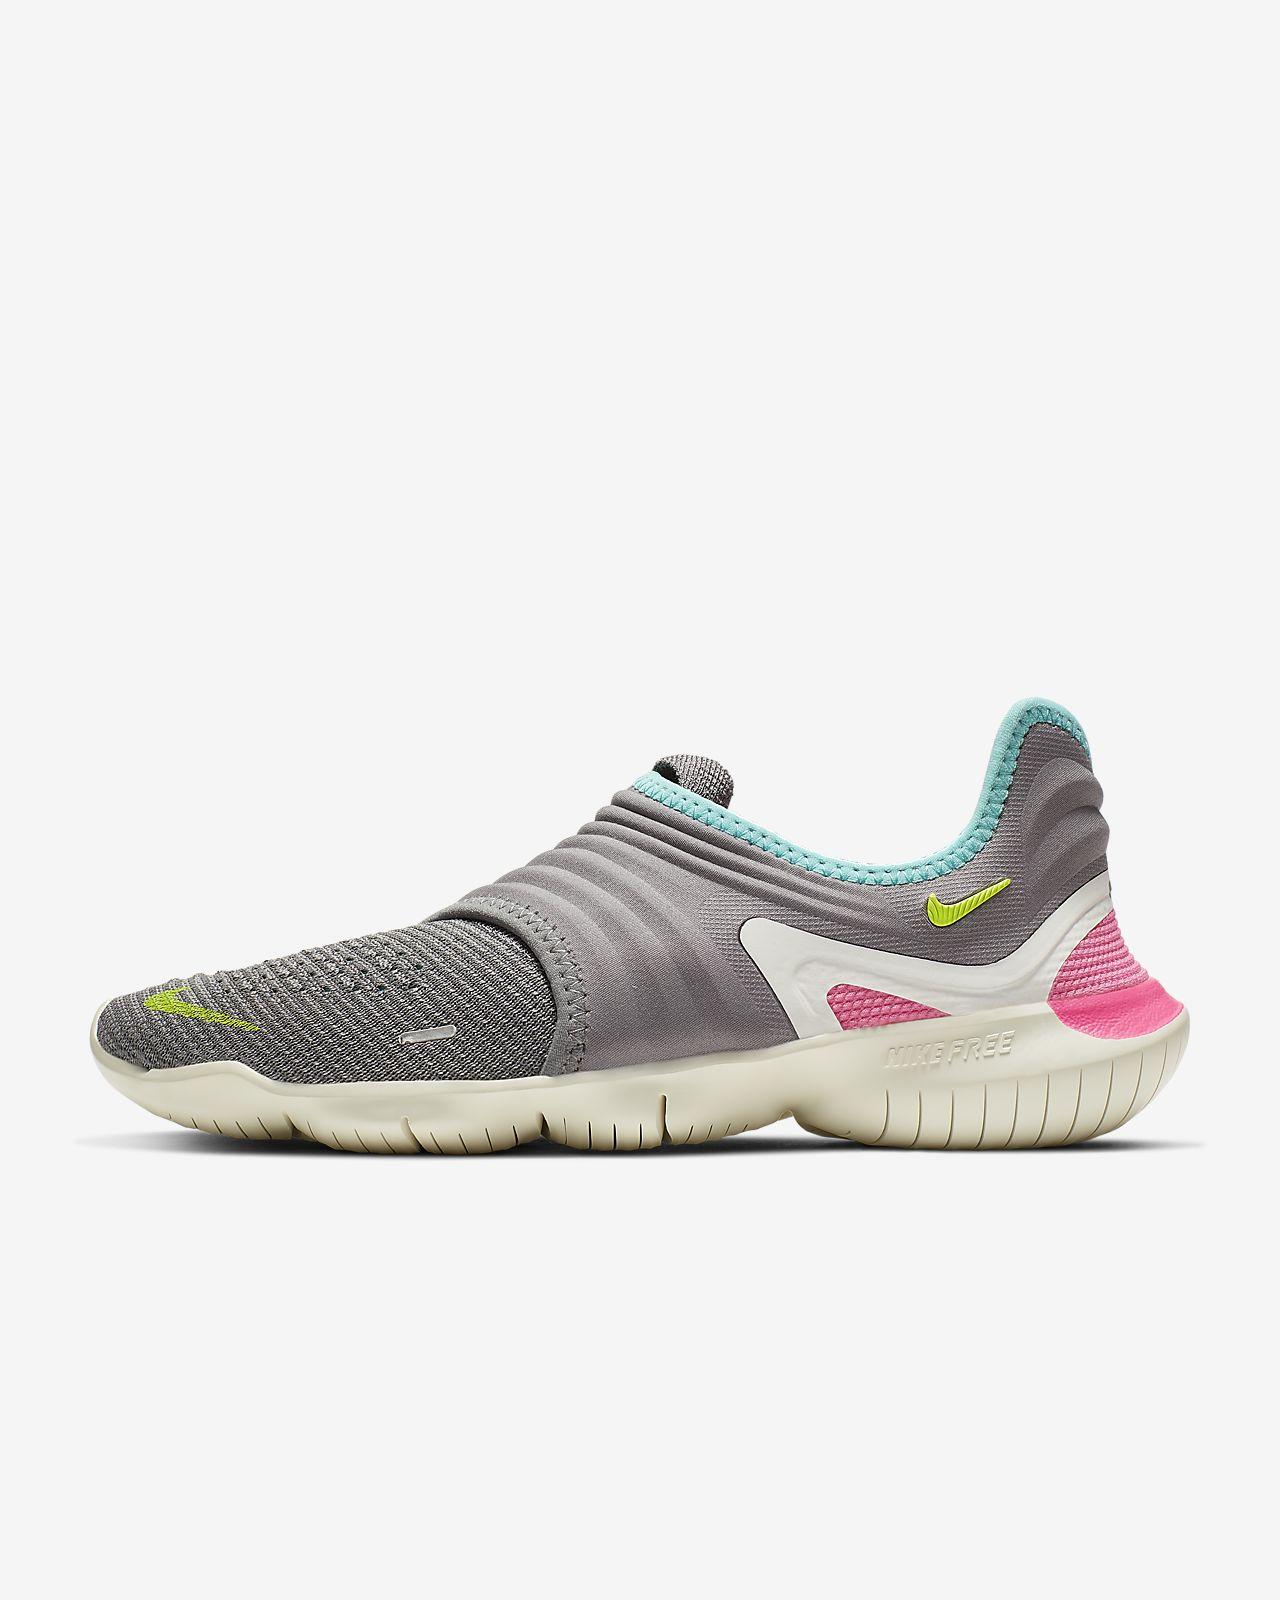 6e2f726cd18e Nike Free RN Flyknit 3.0 Women s Running Shoe. Nike.com NL